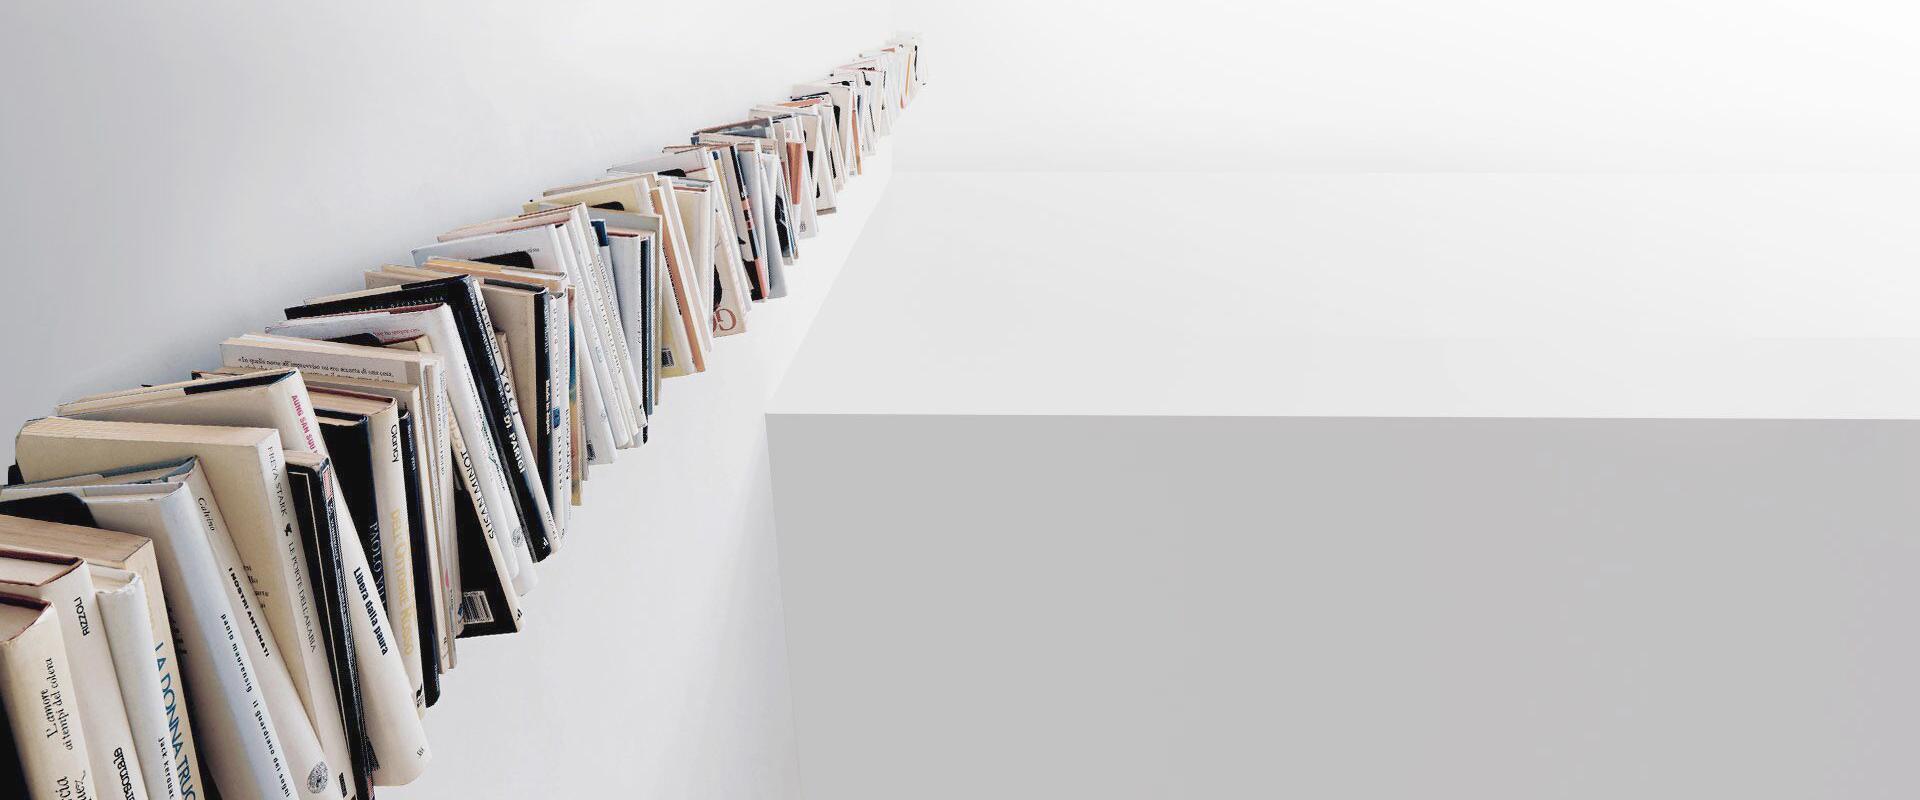 Libreria Verticale In Metallo.Opinion Ciatti Molto Piu Di Una Libreria Verticale Lovethesign